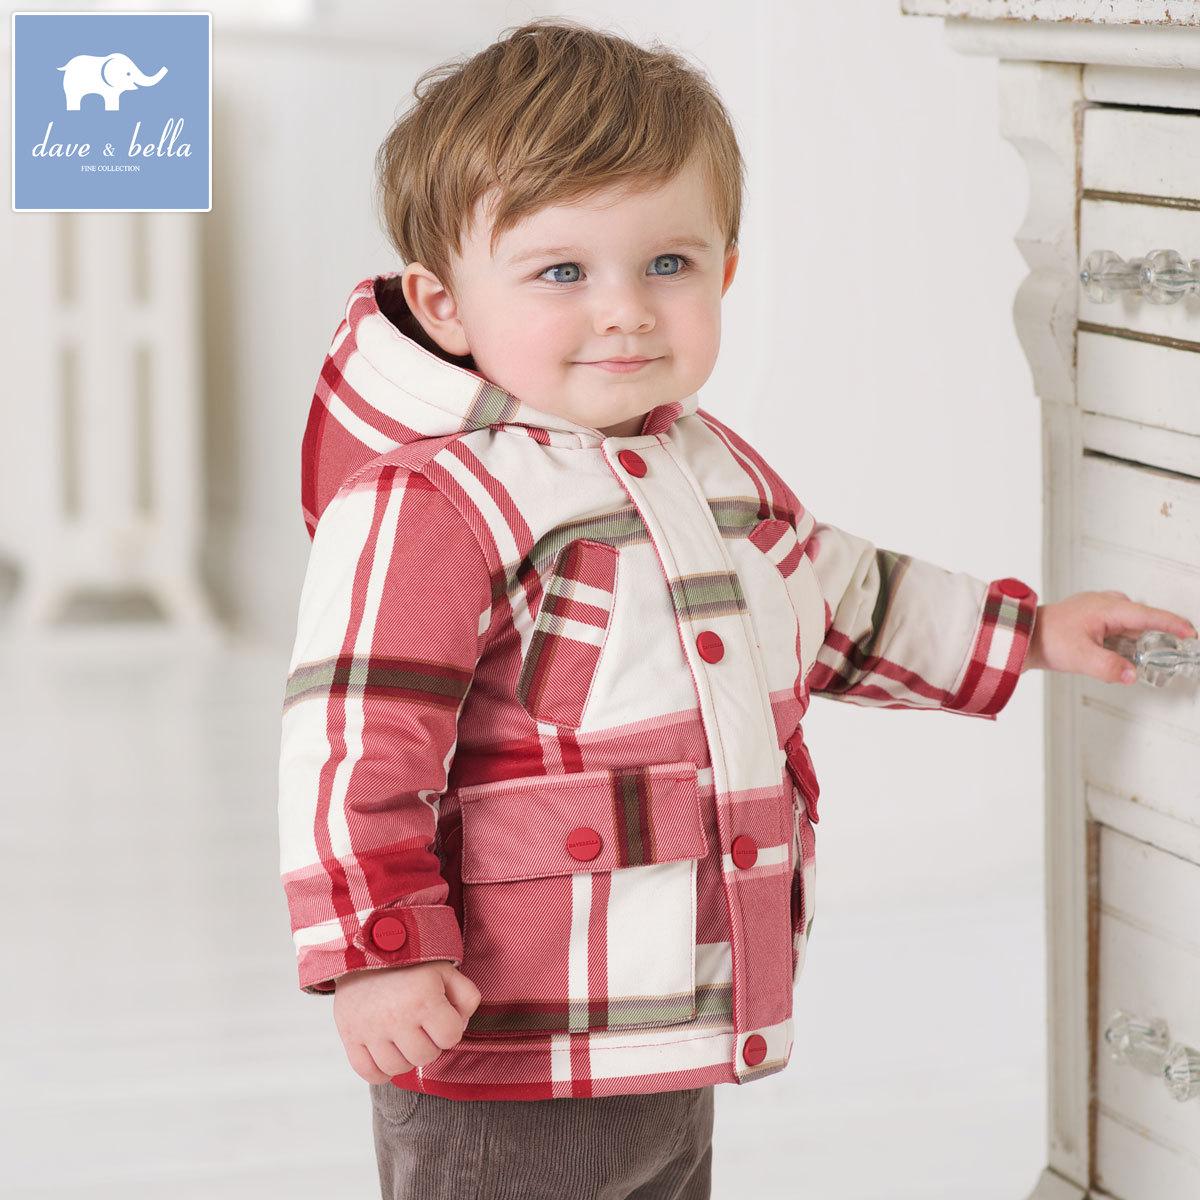 Davebella baby мальчик осенью и зимой плюс кашемира с капюшоном теплое пальто младенца платья куртки WT